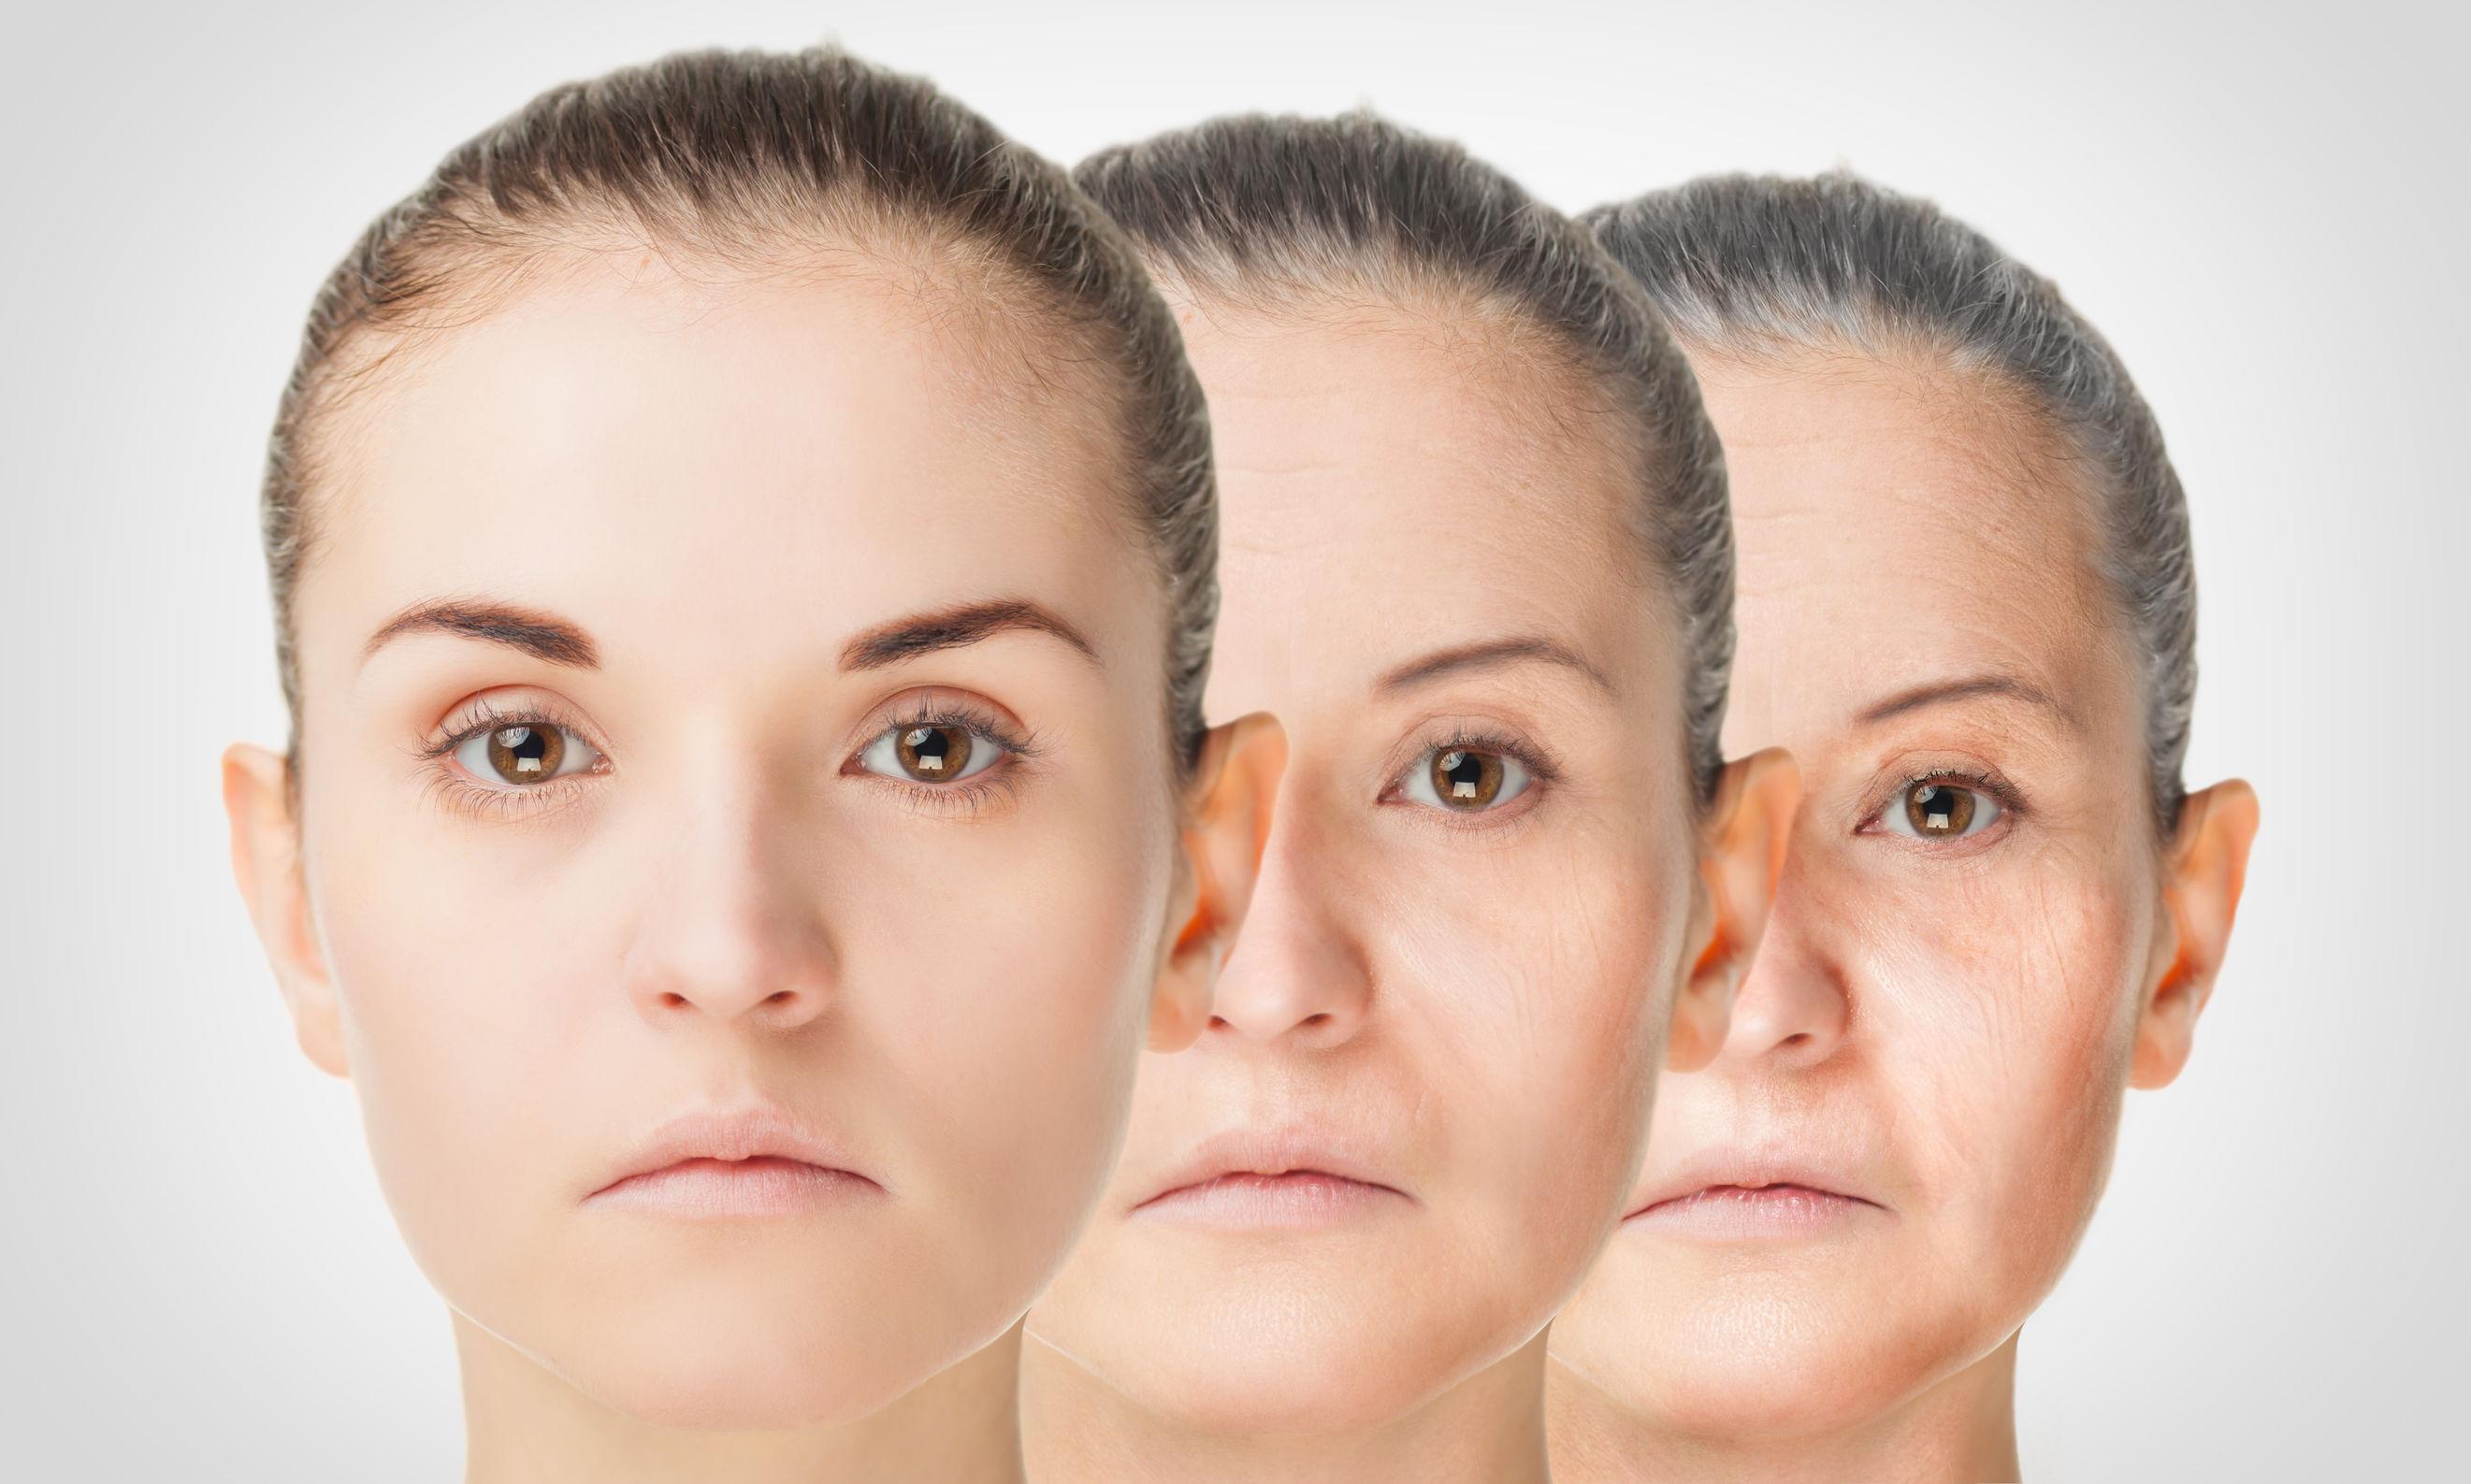 Cách uống collagen hiệu quả để duy trì sắc đẹp và sức khỏe